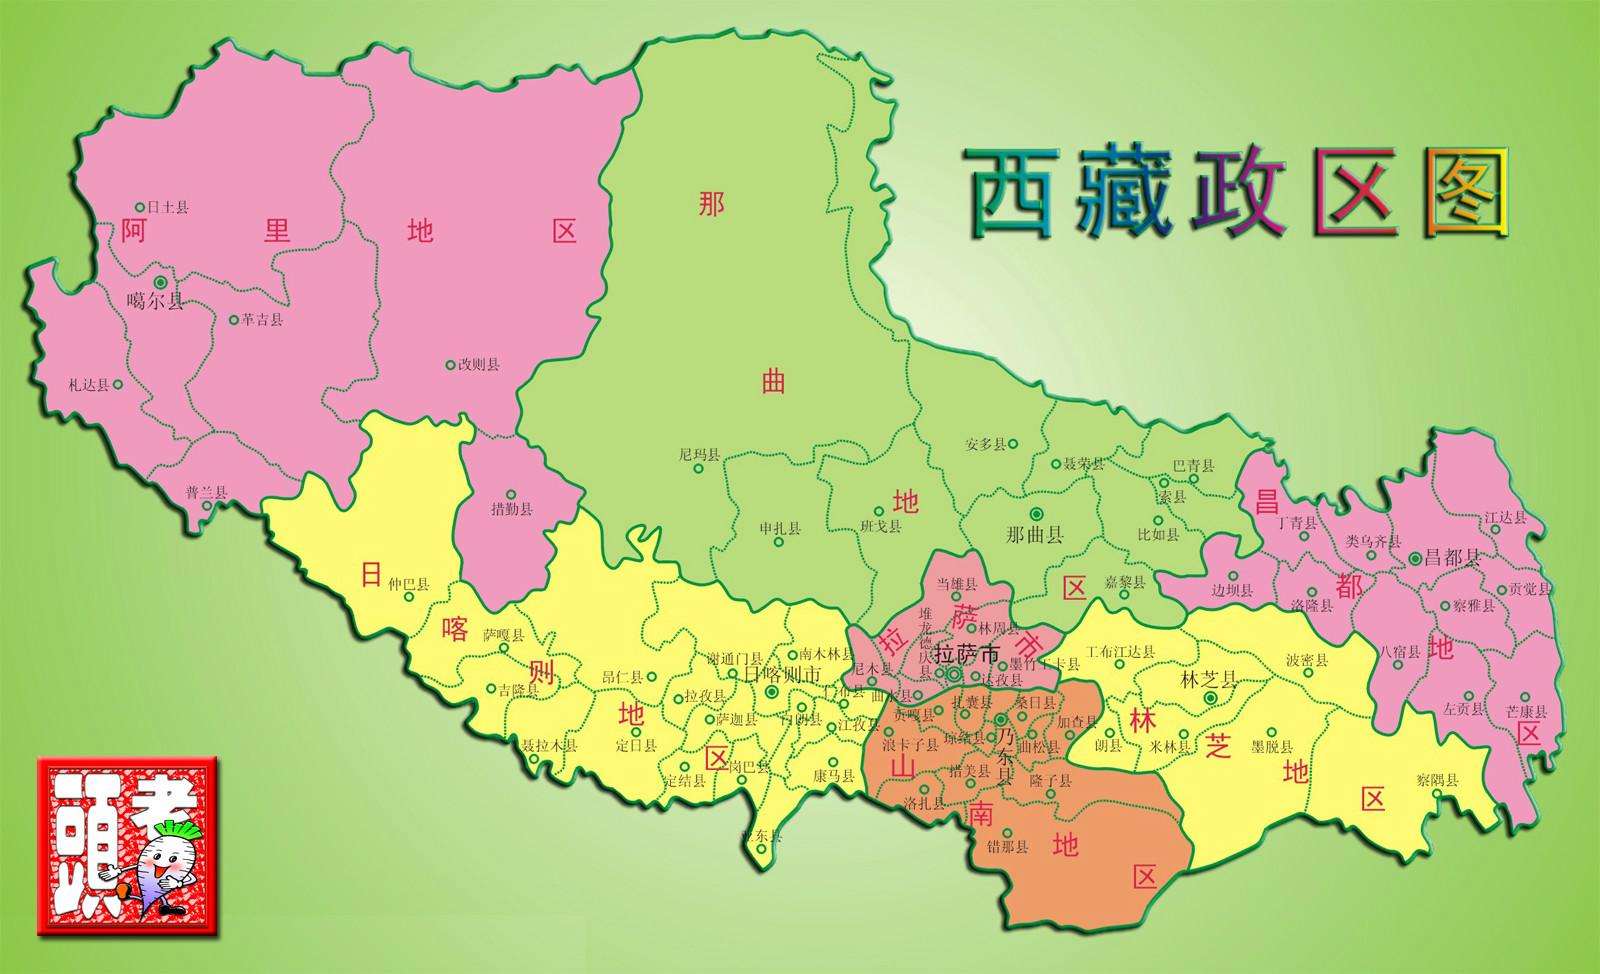 西藏自治区旅游线路地图